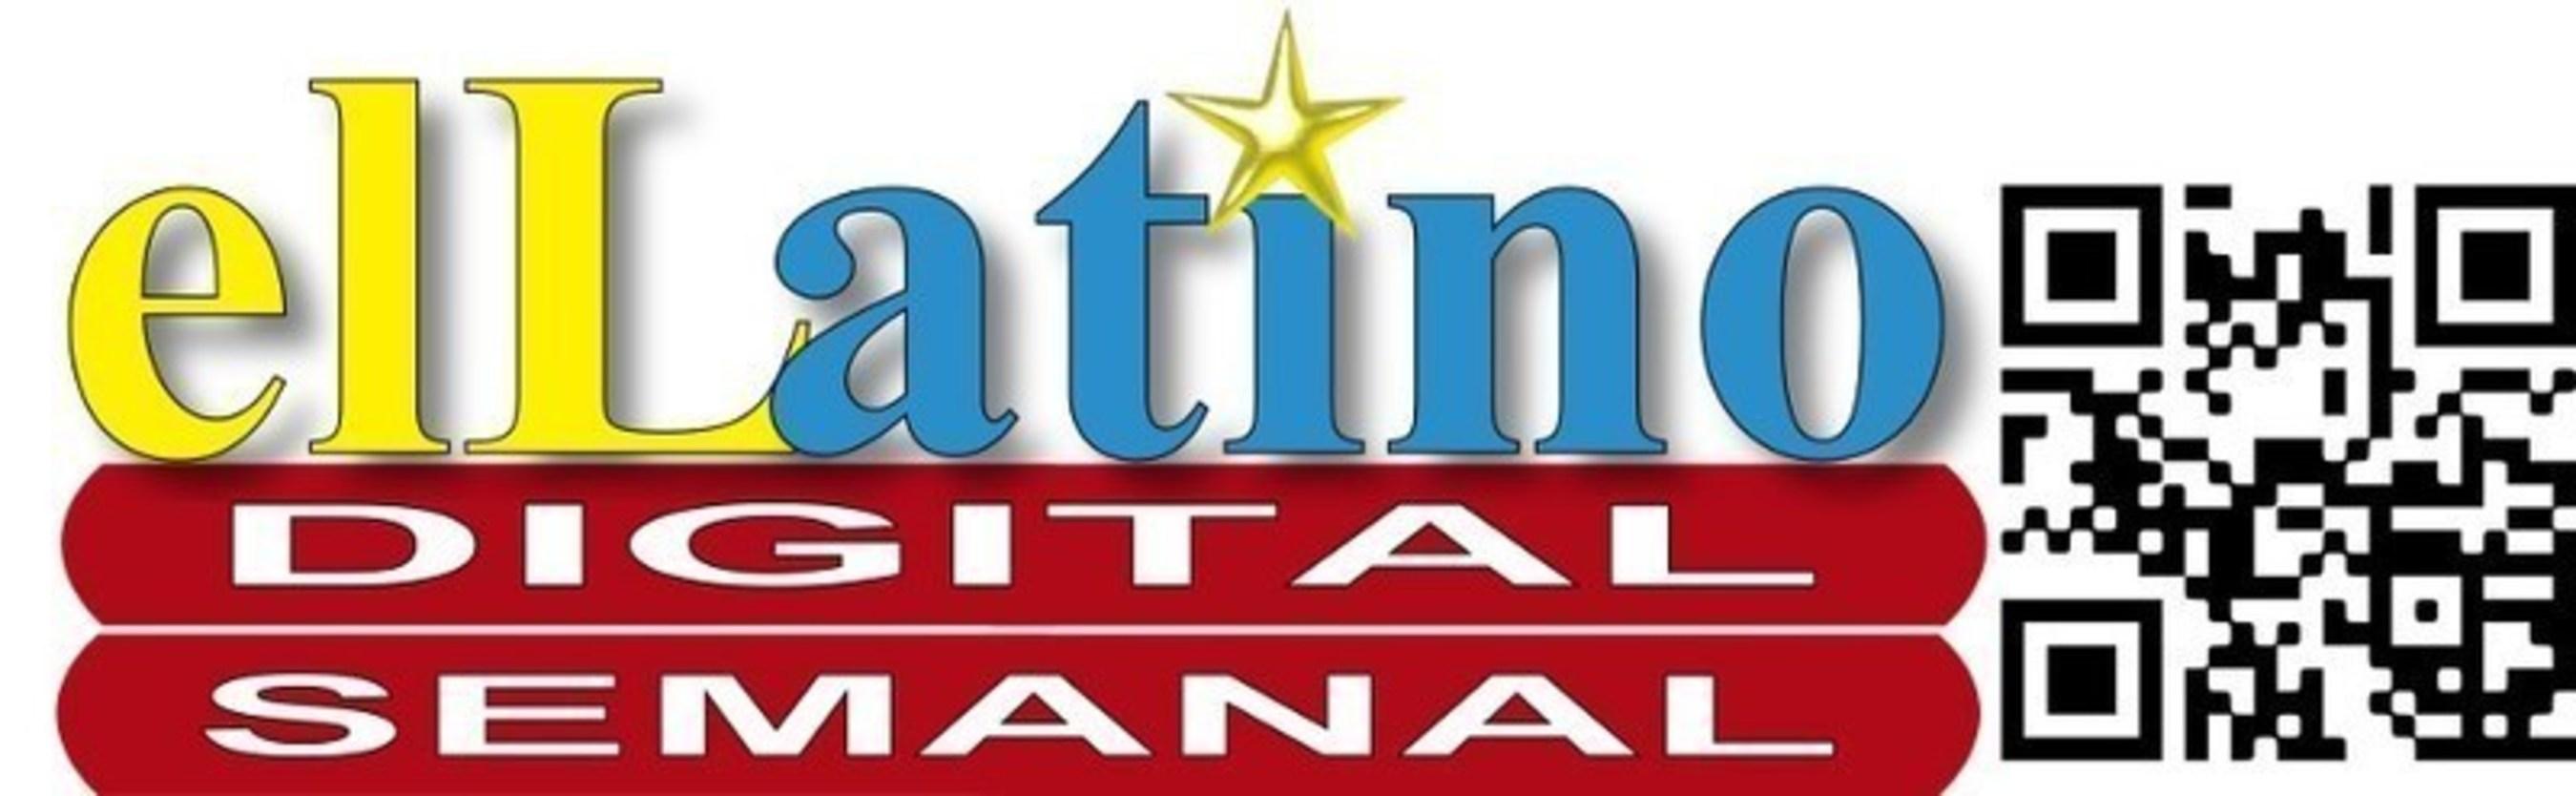 El_Latino_Semanal_English